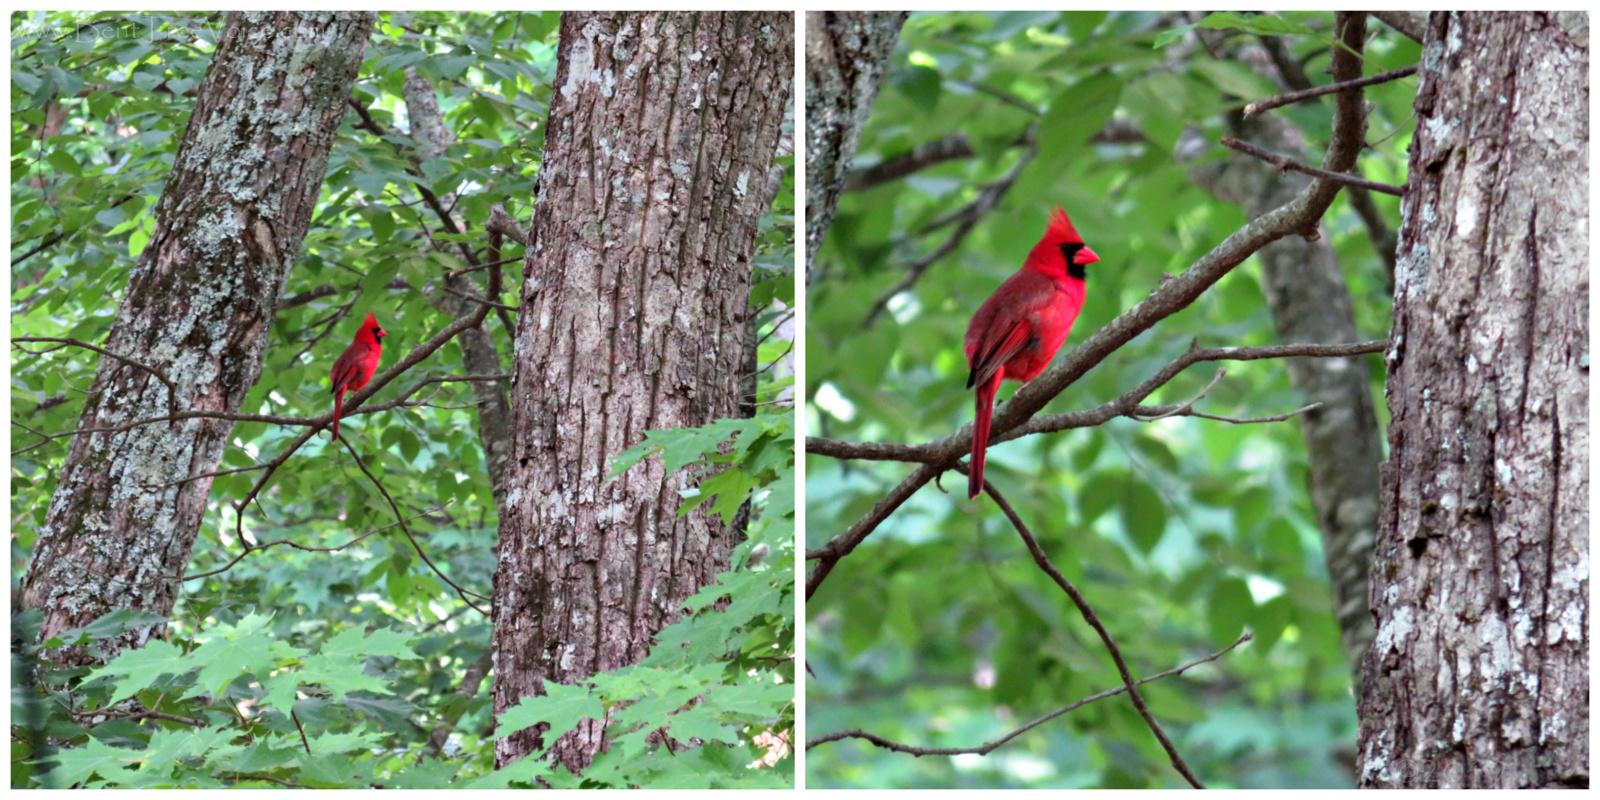 May 27, 2019 - Red Cardinal